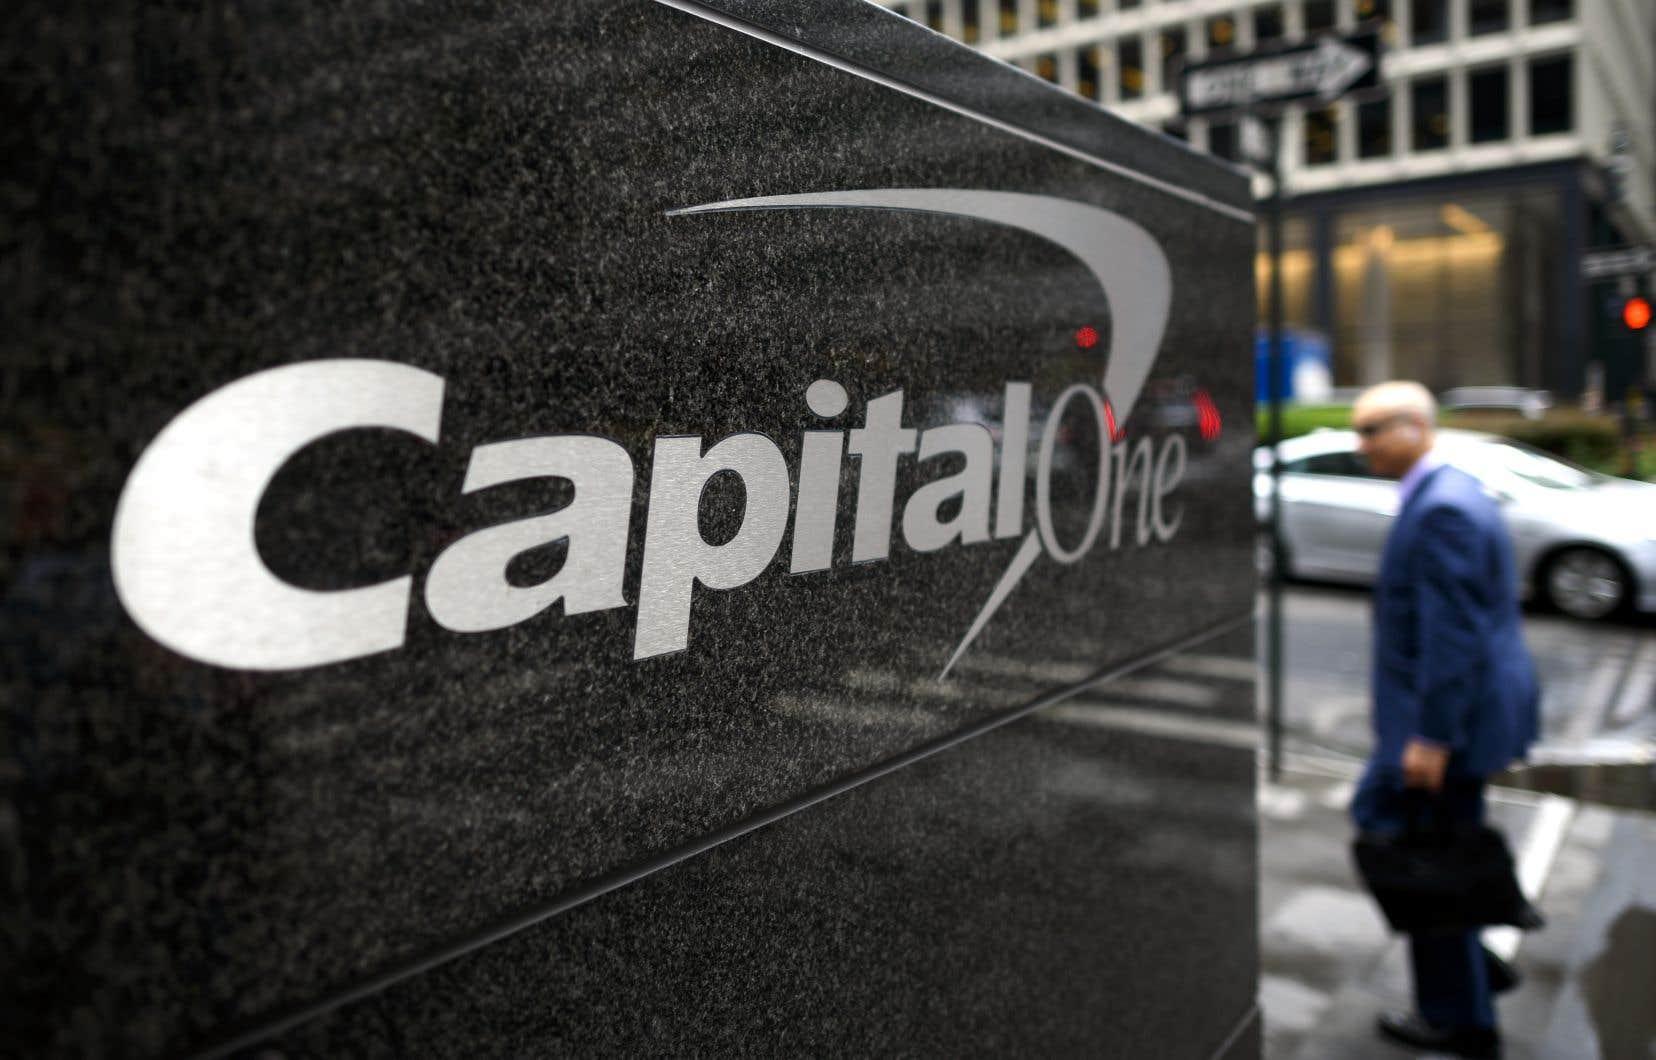 Les mesures d'aide aux victimes du vol de données personnelles pourraient coûter 150 millions à Capital One.